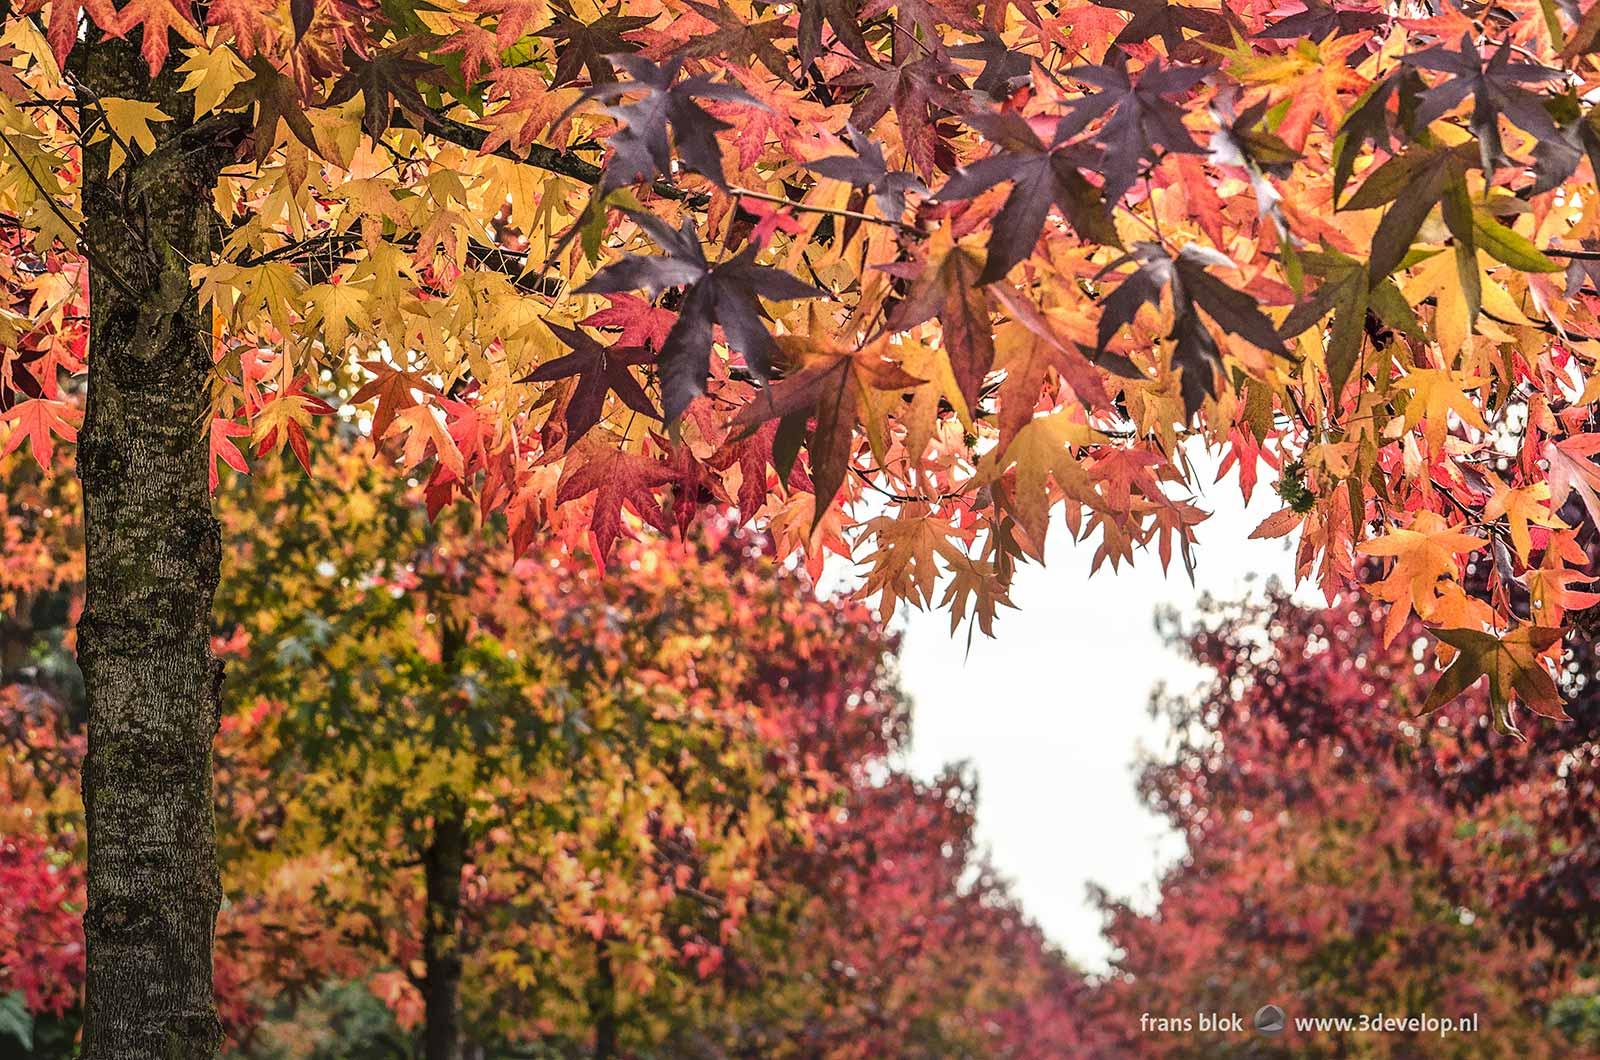 Het bladerdek van twee rijen amberbomen (liquidambar styraciflua) in de herfst, aan weerszijden van een straat in Kralingen, Rotterdam, met de lucht als een hartvormige uitsparing